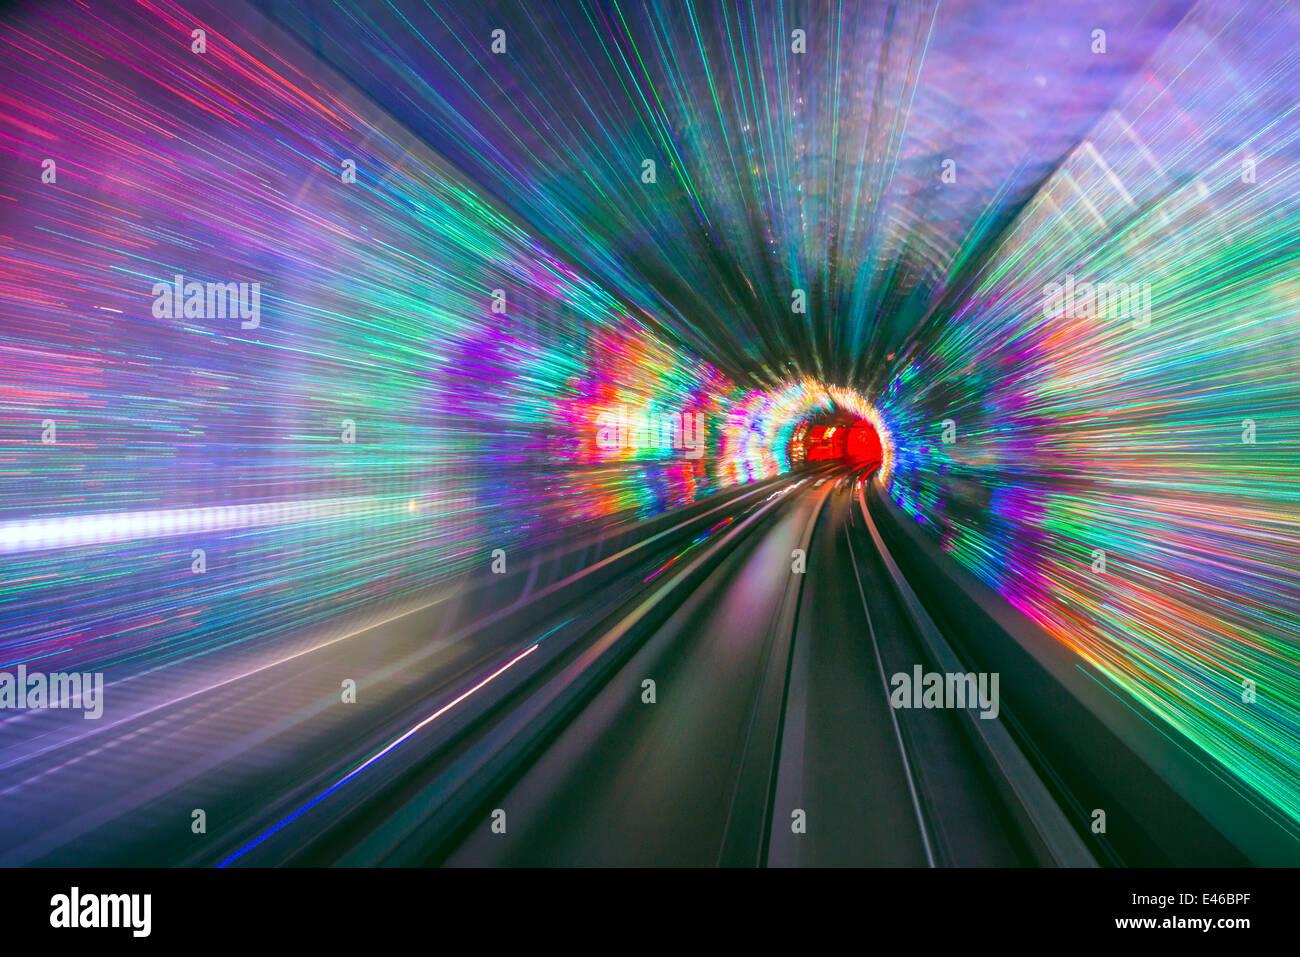 Visita le luci del tunnel sotto il fiume Huangpu a Shanghai in Cina. Immagini Stock